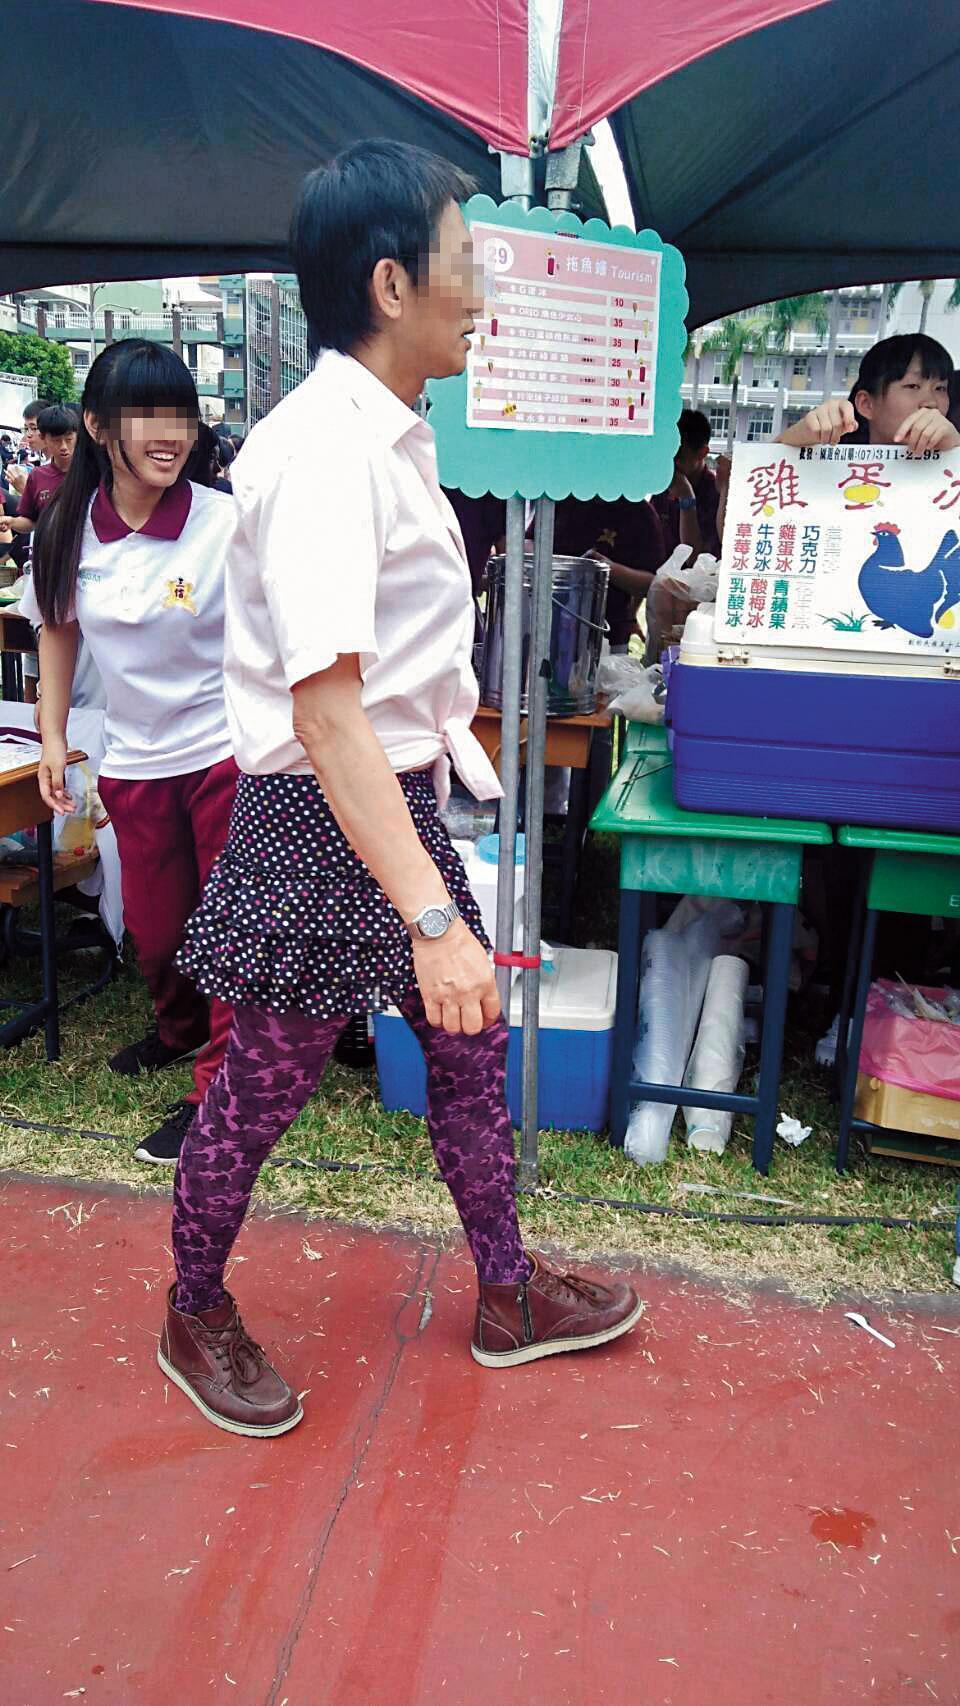 男老師穿著裙子,在學校園遊會四處遊蕩,引起學生側目。(讀者提供)